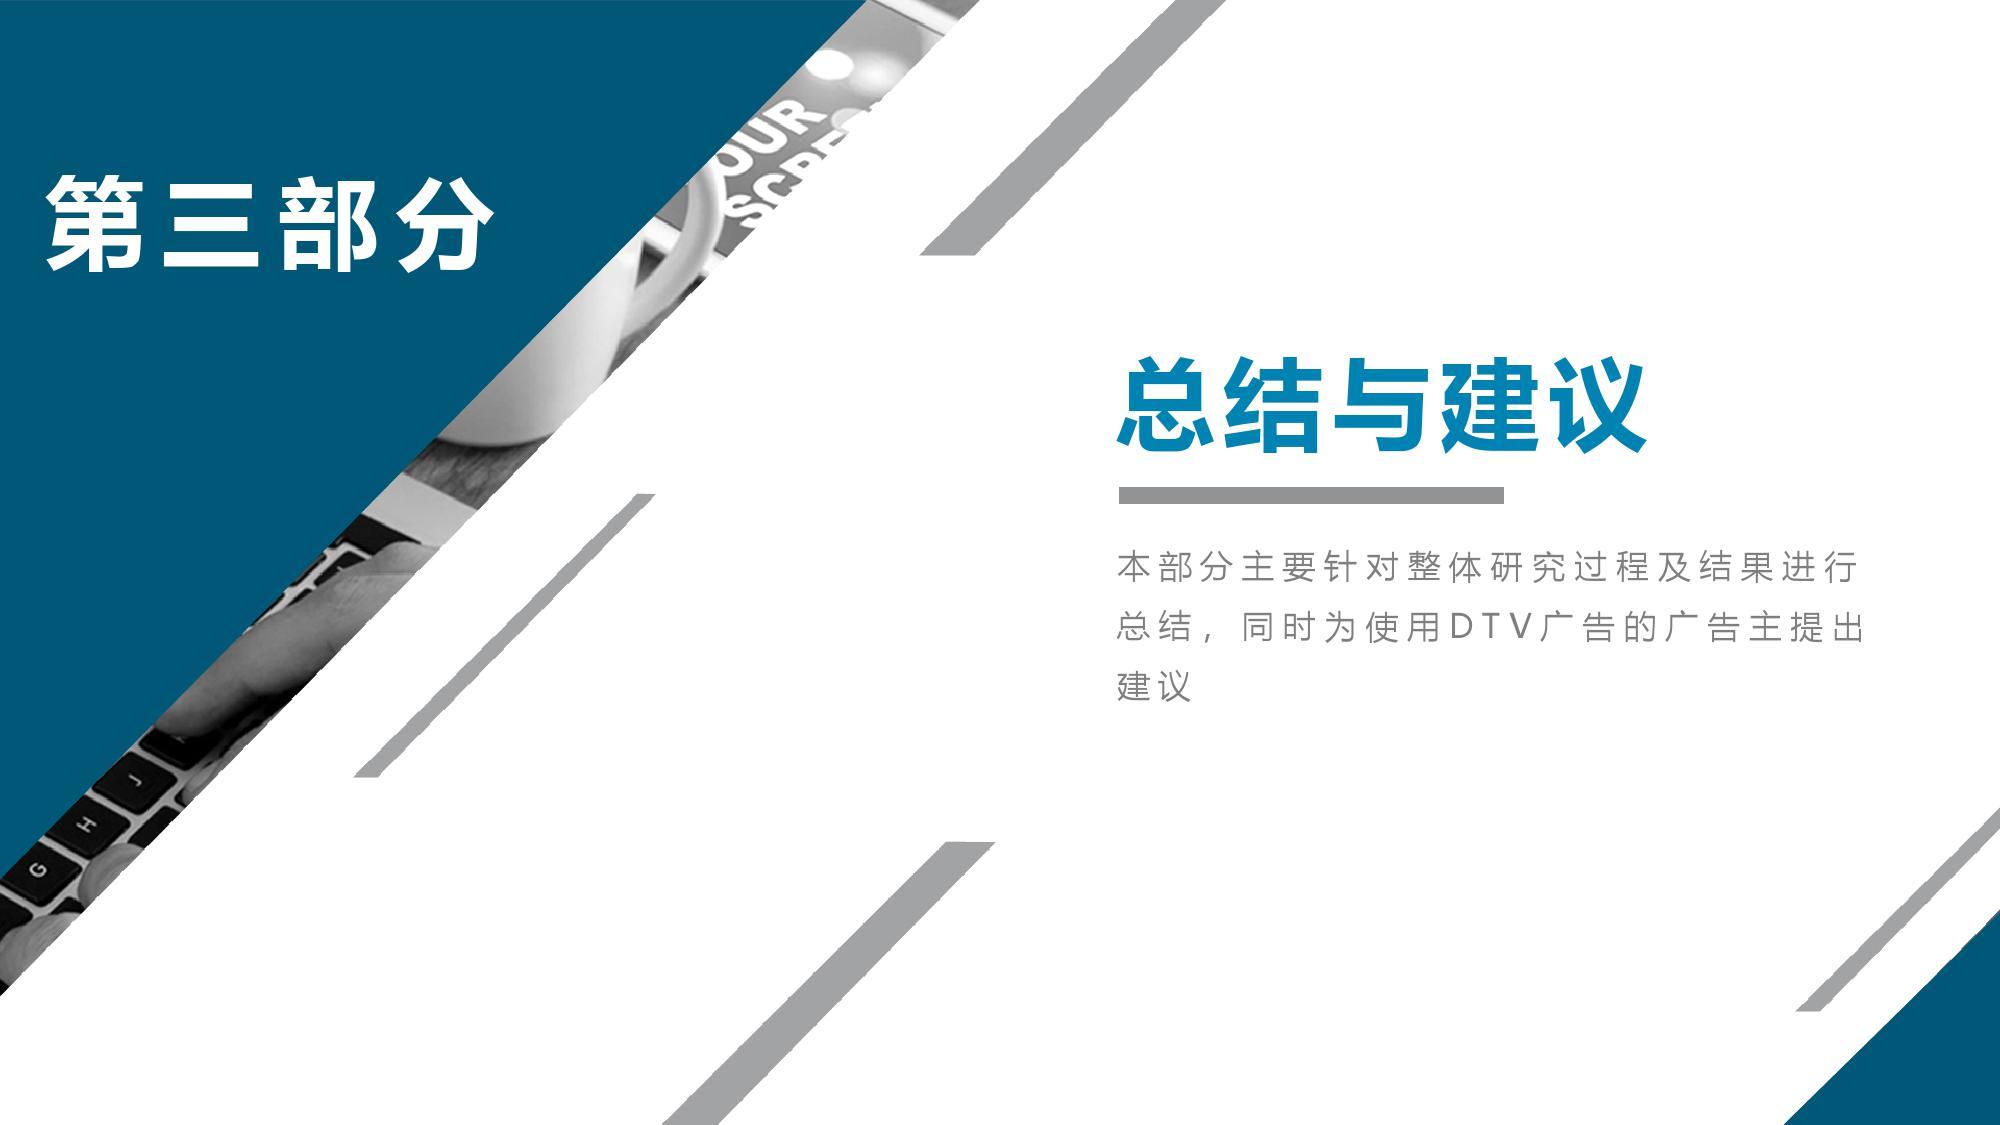 抖音 DTV 广告营销价值白皮书-CNMOAD 中文移动营销资讯 31